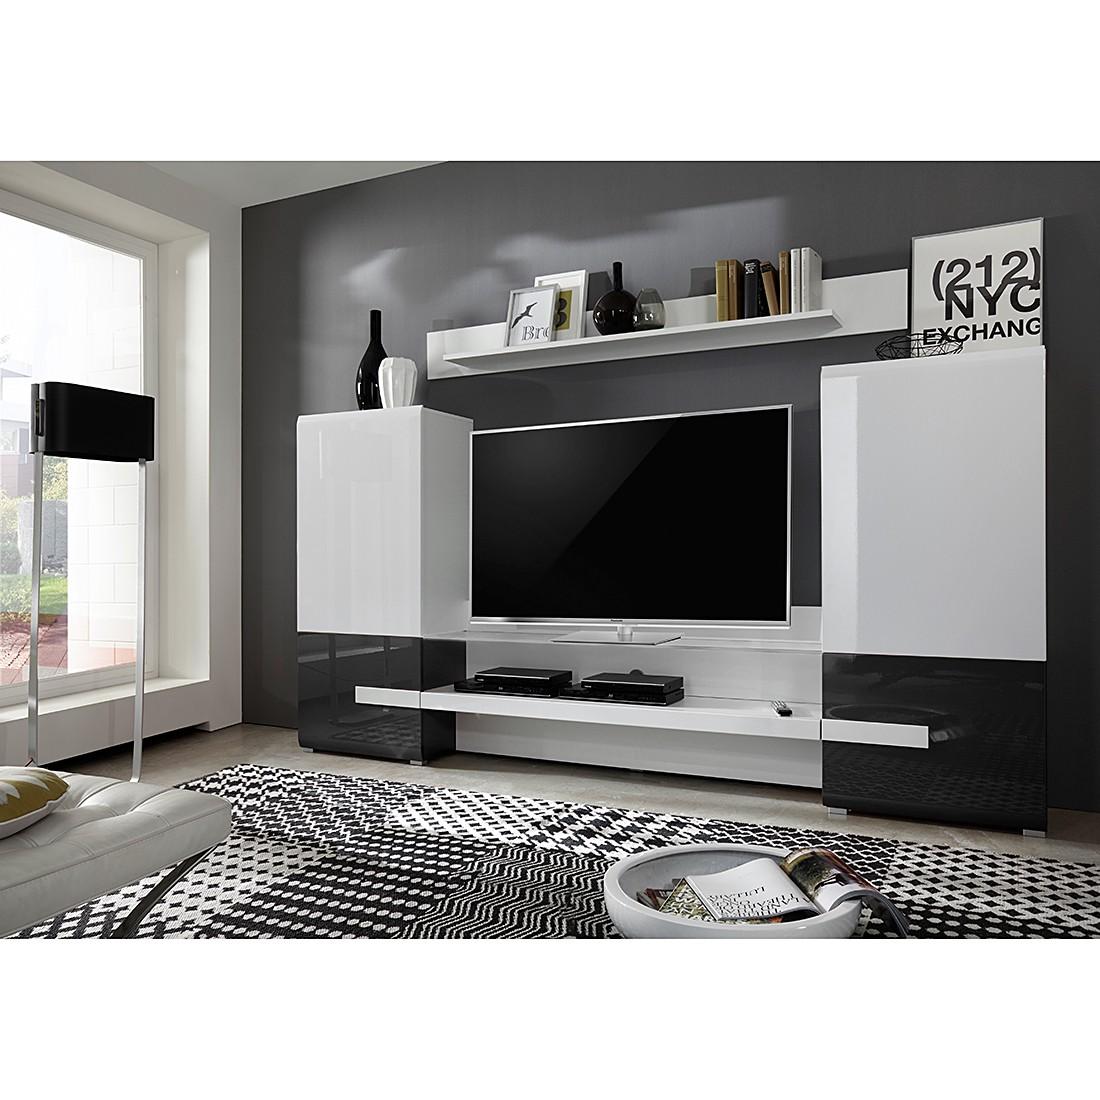 wandboard mit beleuchtung sonstige preisvergleiche. Black Bedroom Furniture Sets. Home Design Ideas